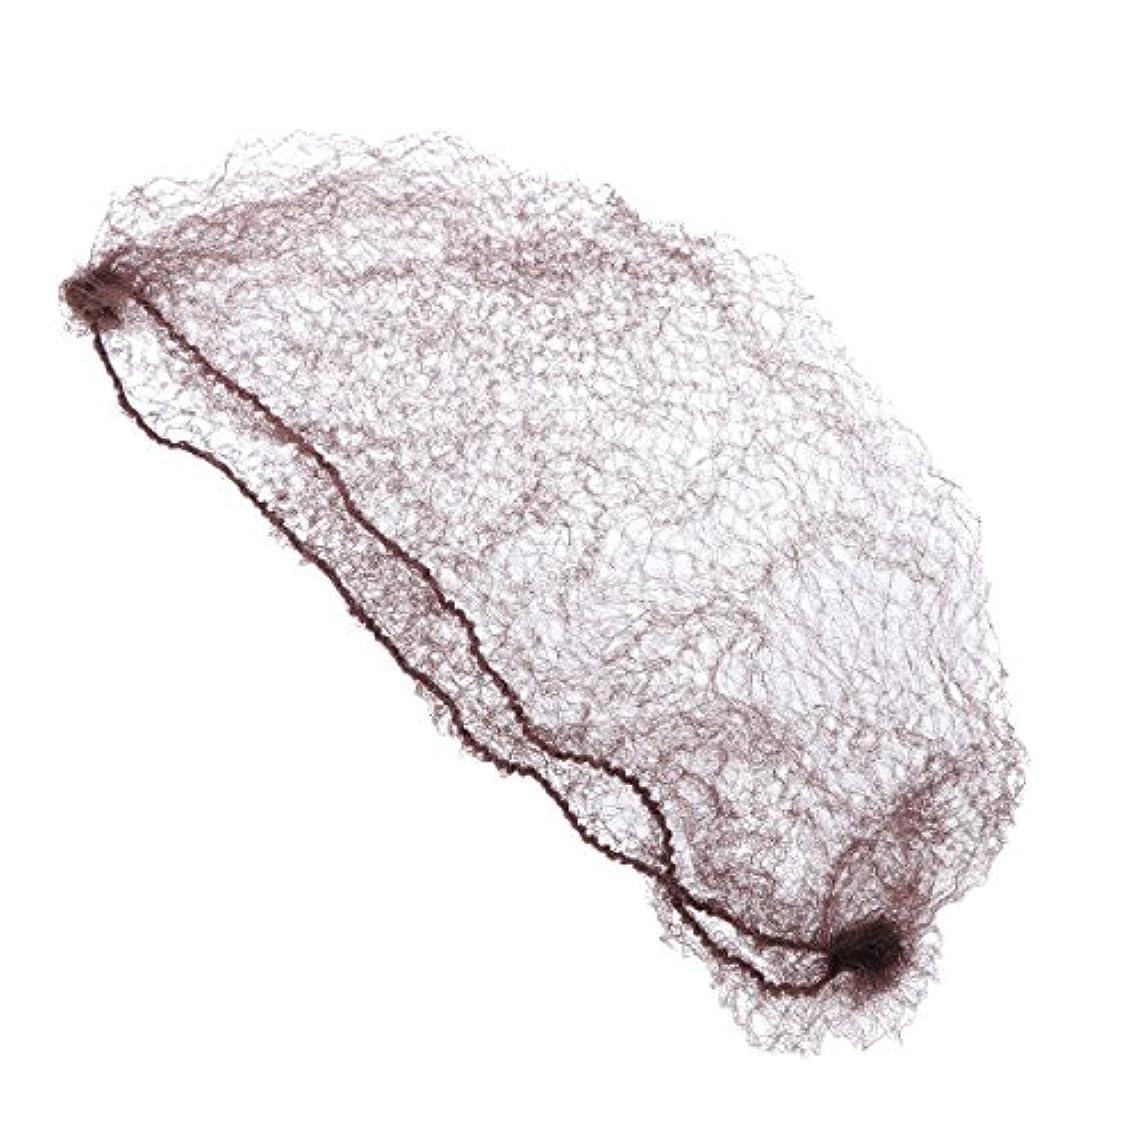 意図抜本的なペナルティFrcolor ヘアネット 髪束ねネット 目に見えない 弾性 団子ドレスアップ アクセサリー 再利用可能 50本 (コーヒー/ 50cm)